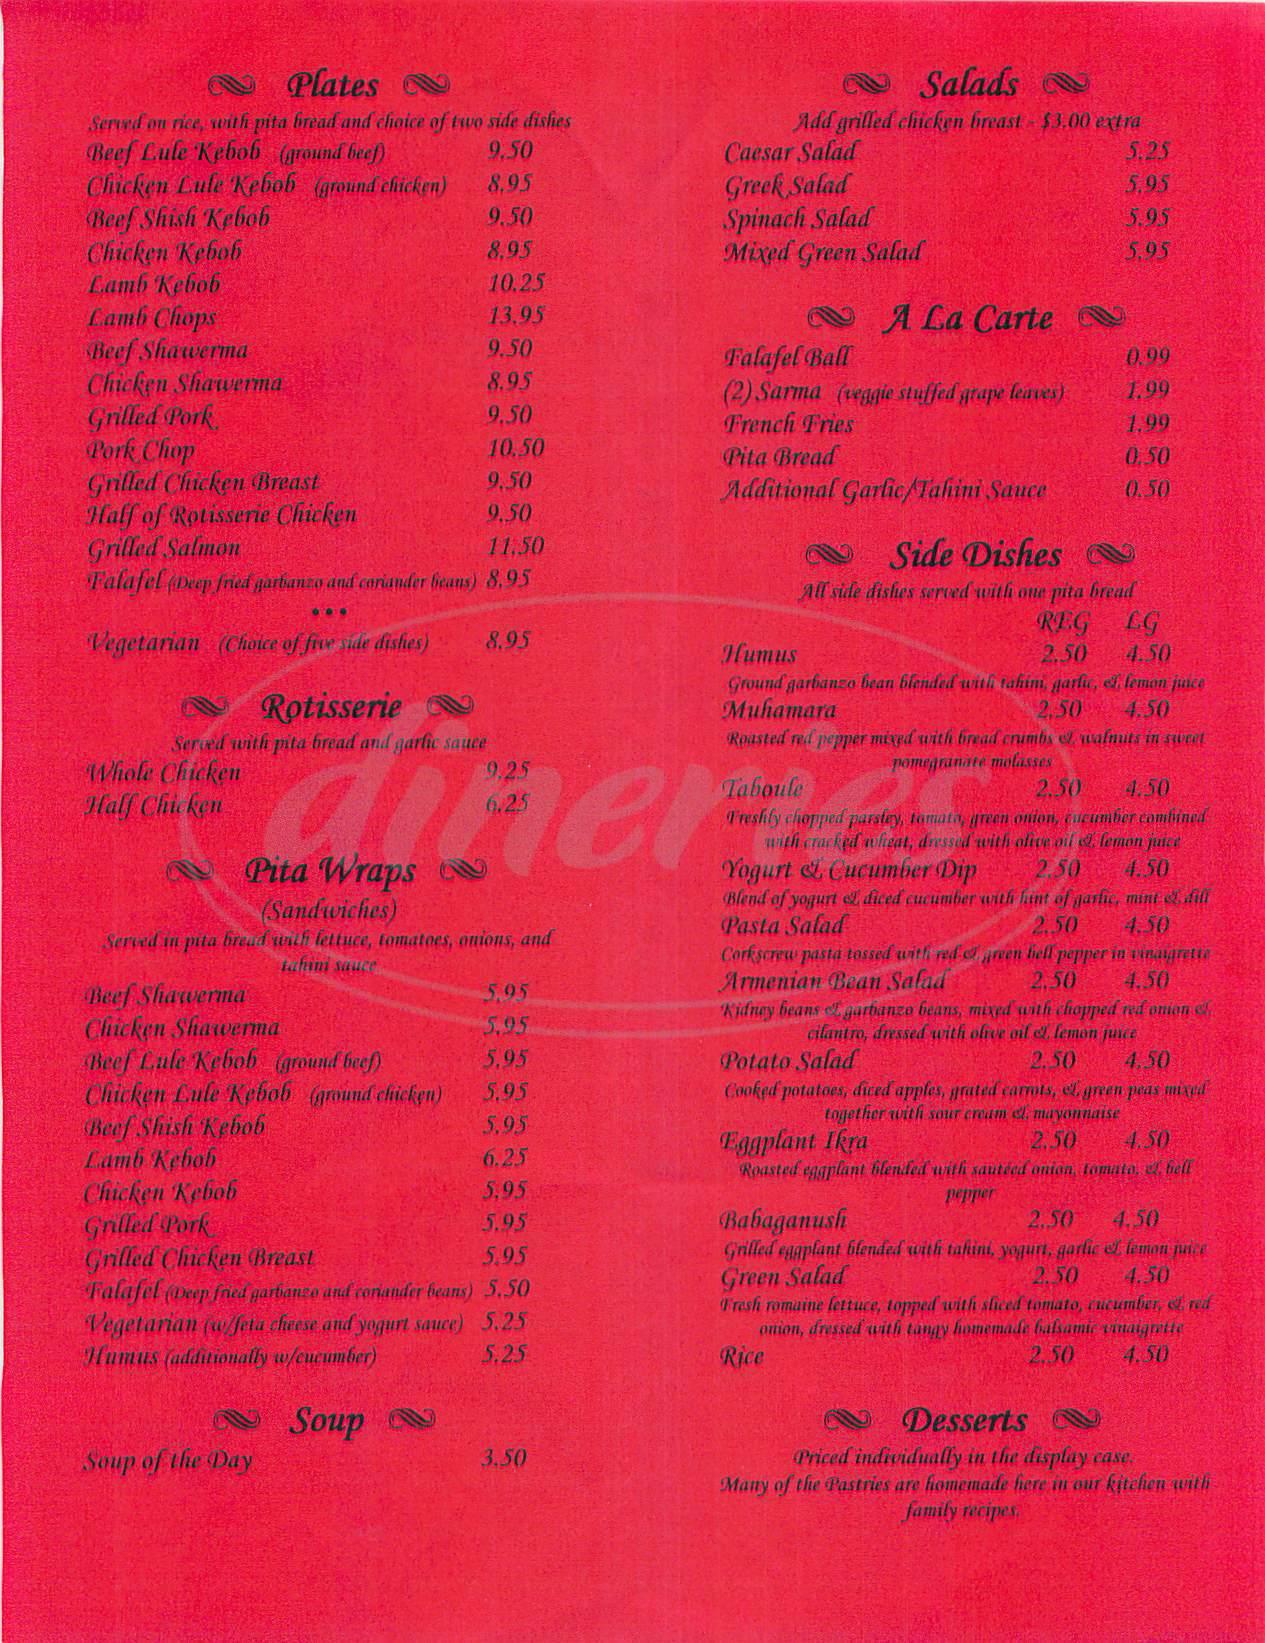 menu for Café Mediterranee